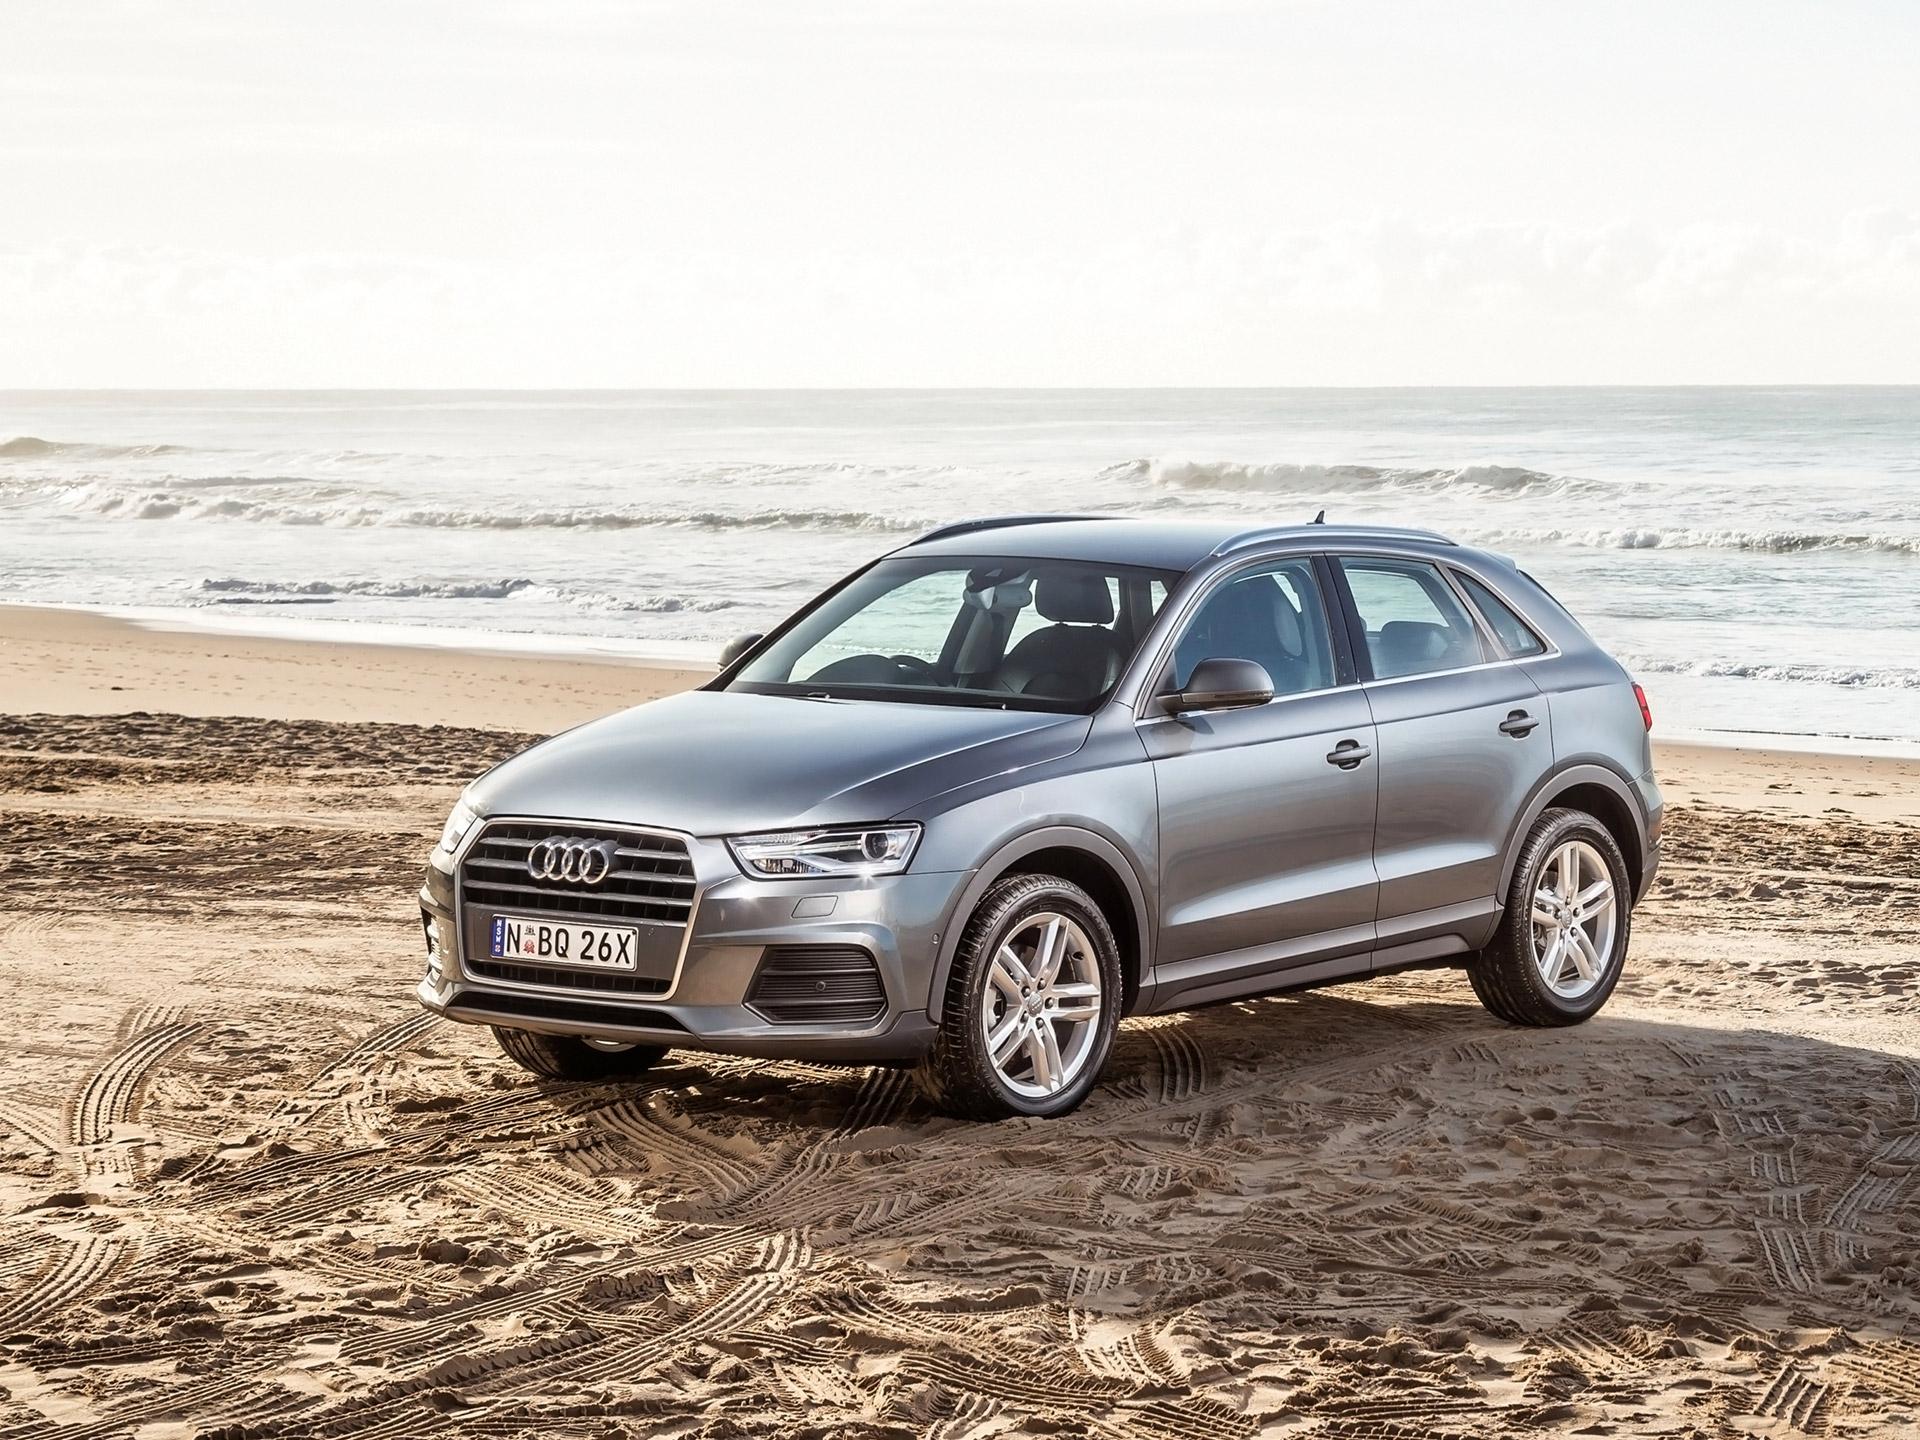 Audi Q3 1 4 TFSI [2015] 001